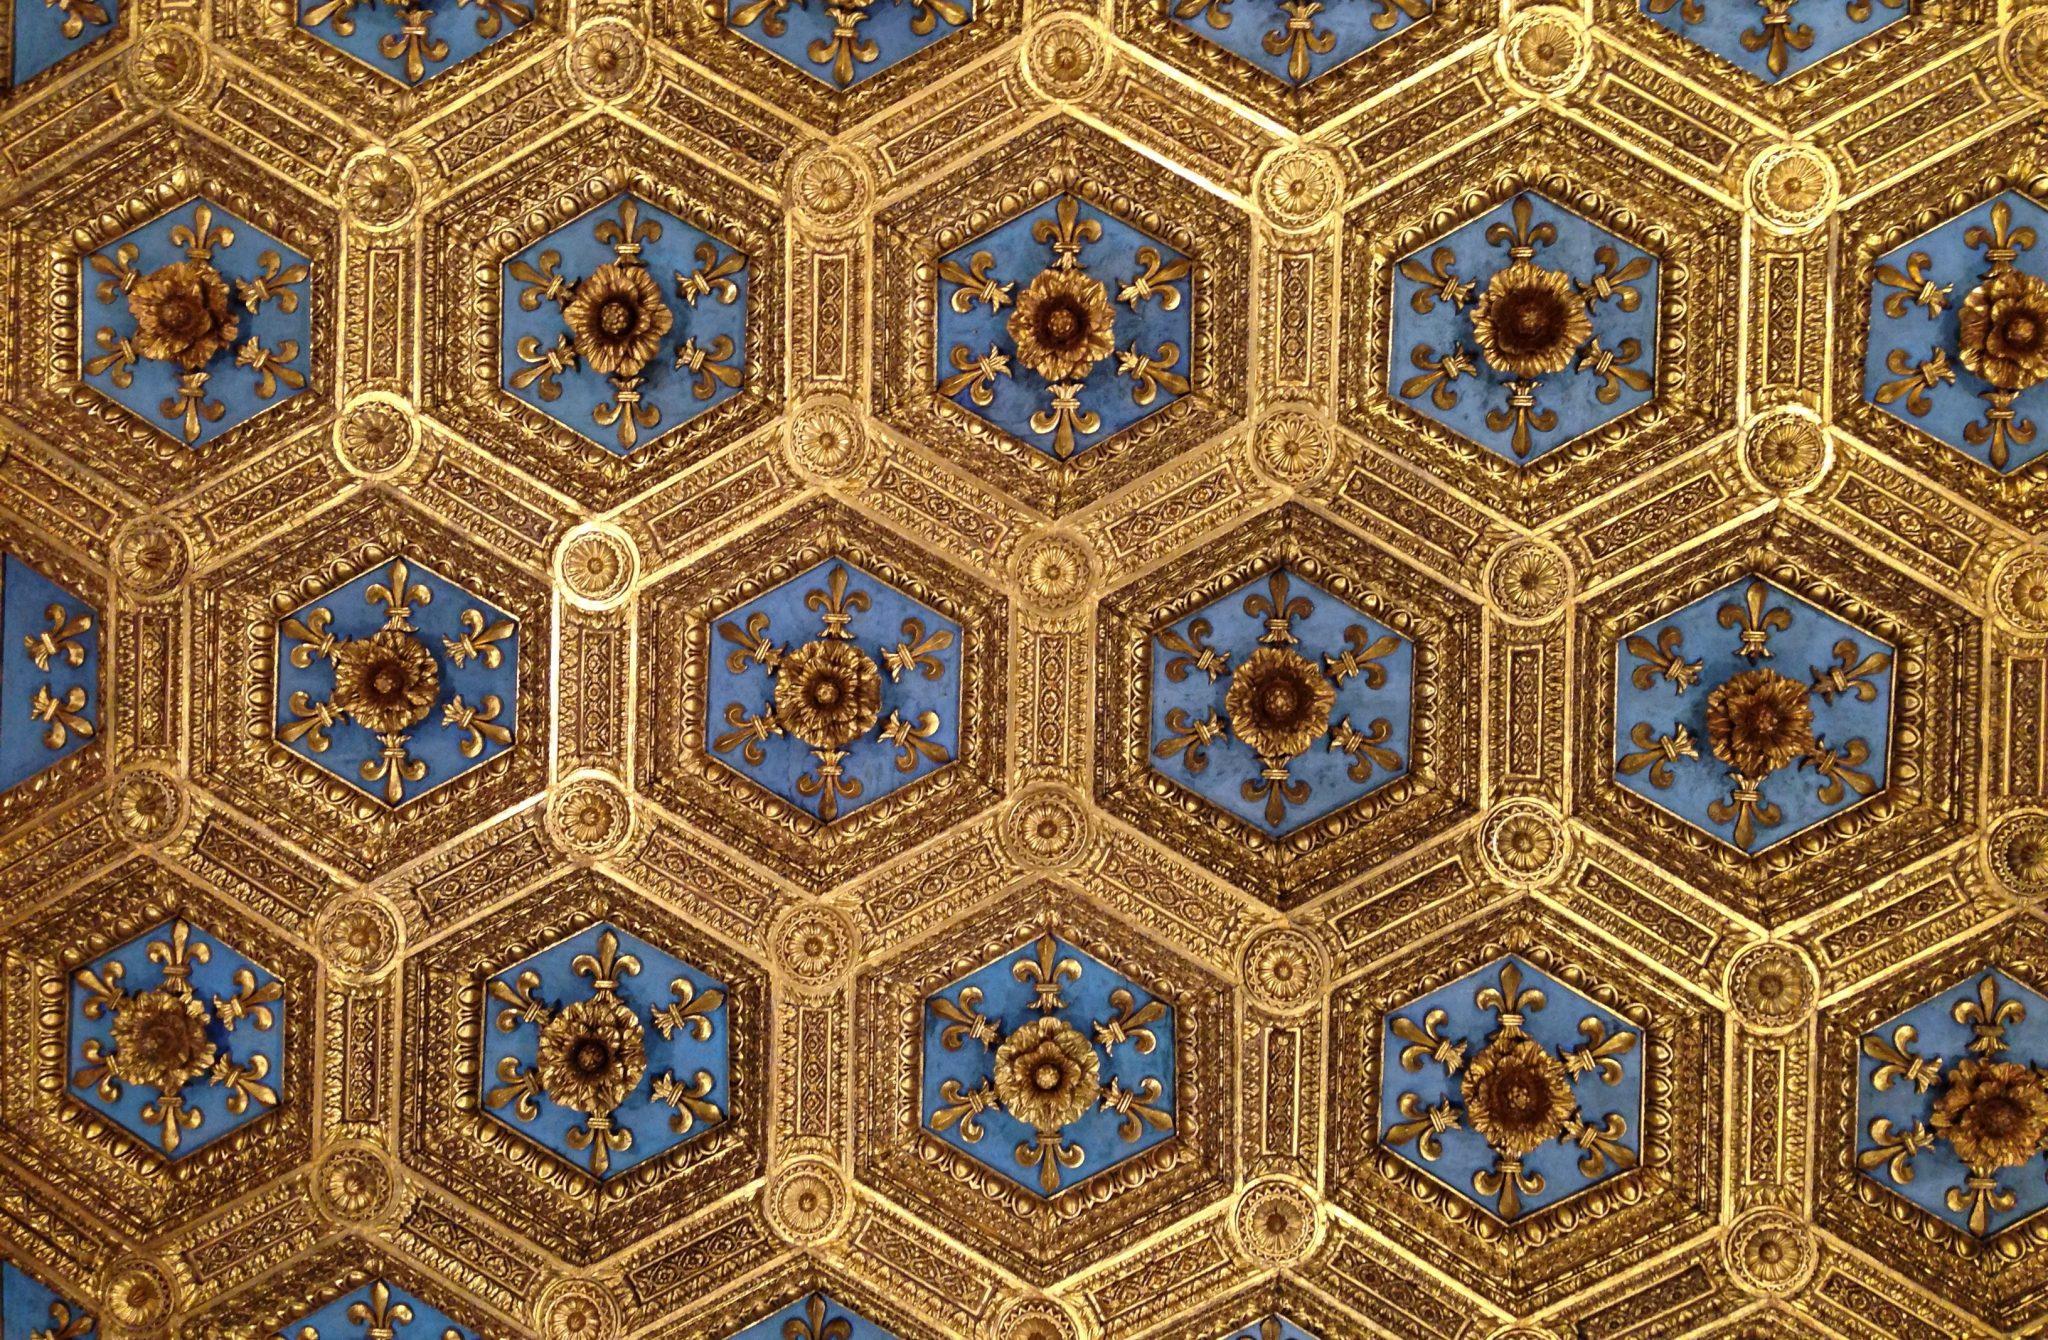 roof of the salone degli otto in Florence, Palazzo vecchio